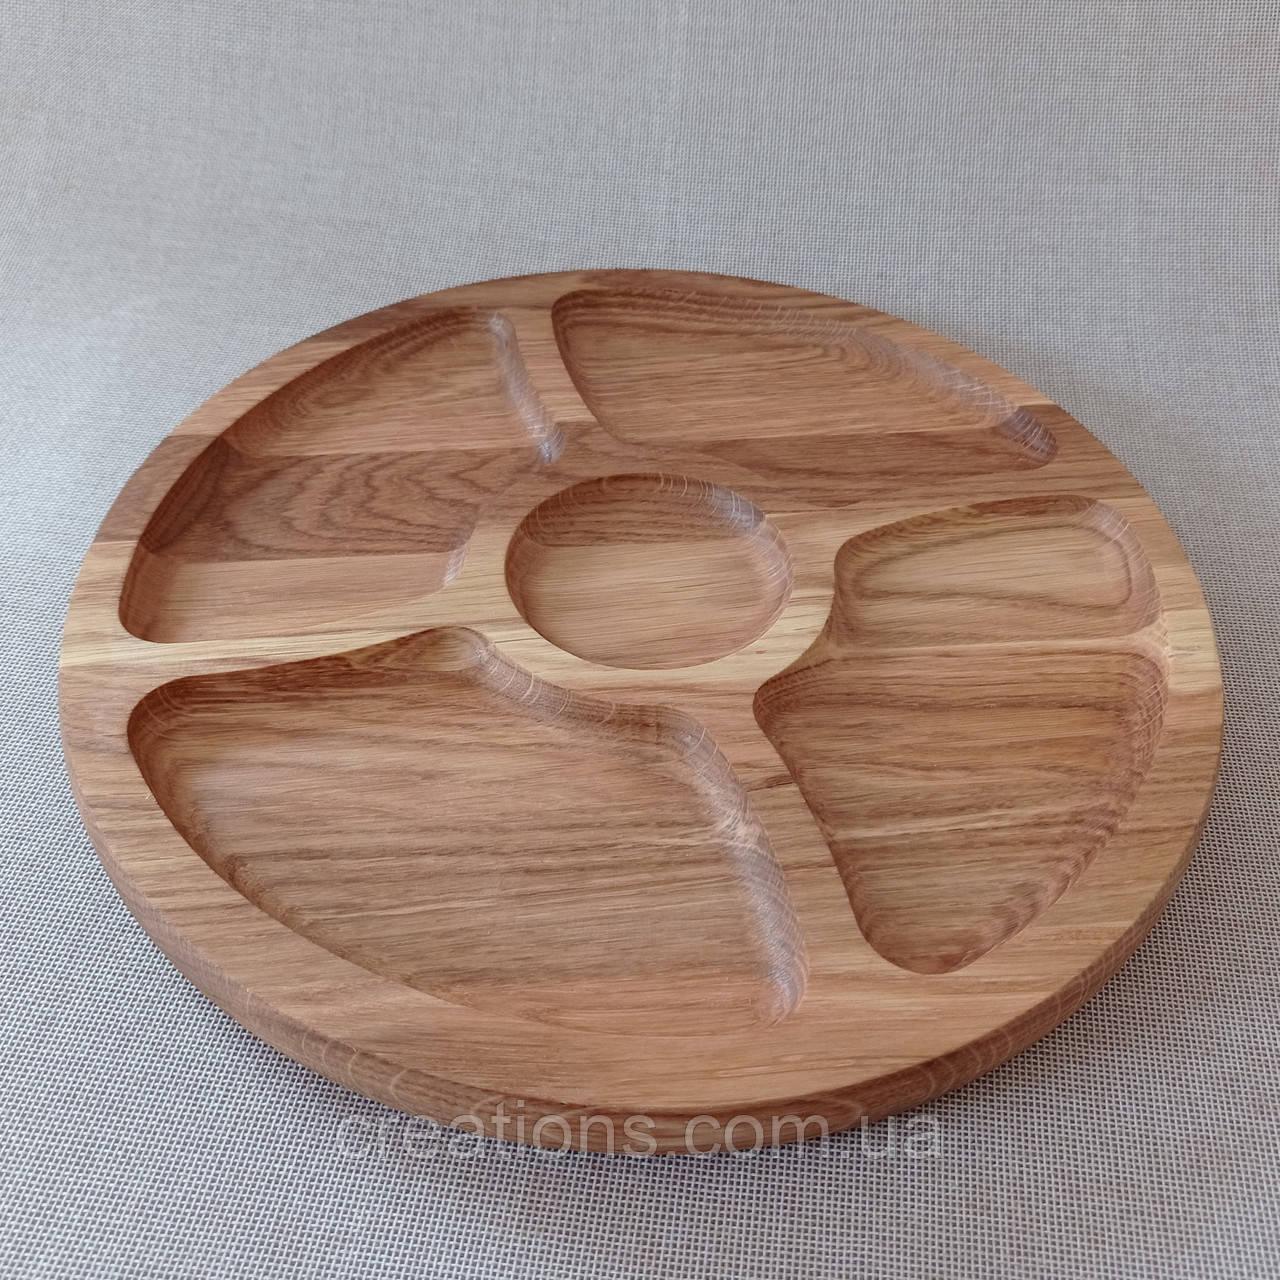 Менажниця дерев'яна дошка для подачі страв 30 см. кругла на 5 секцій і дошка для піци в одному з дуба